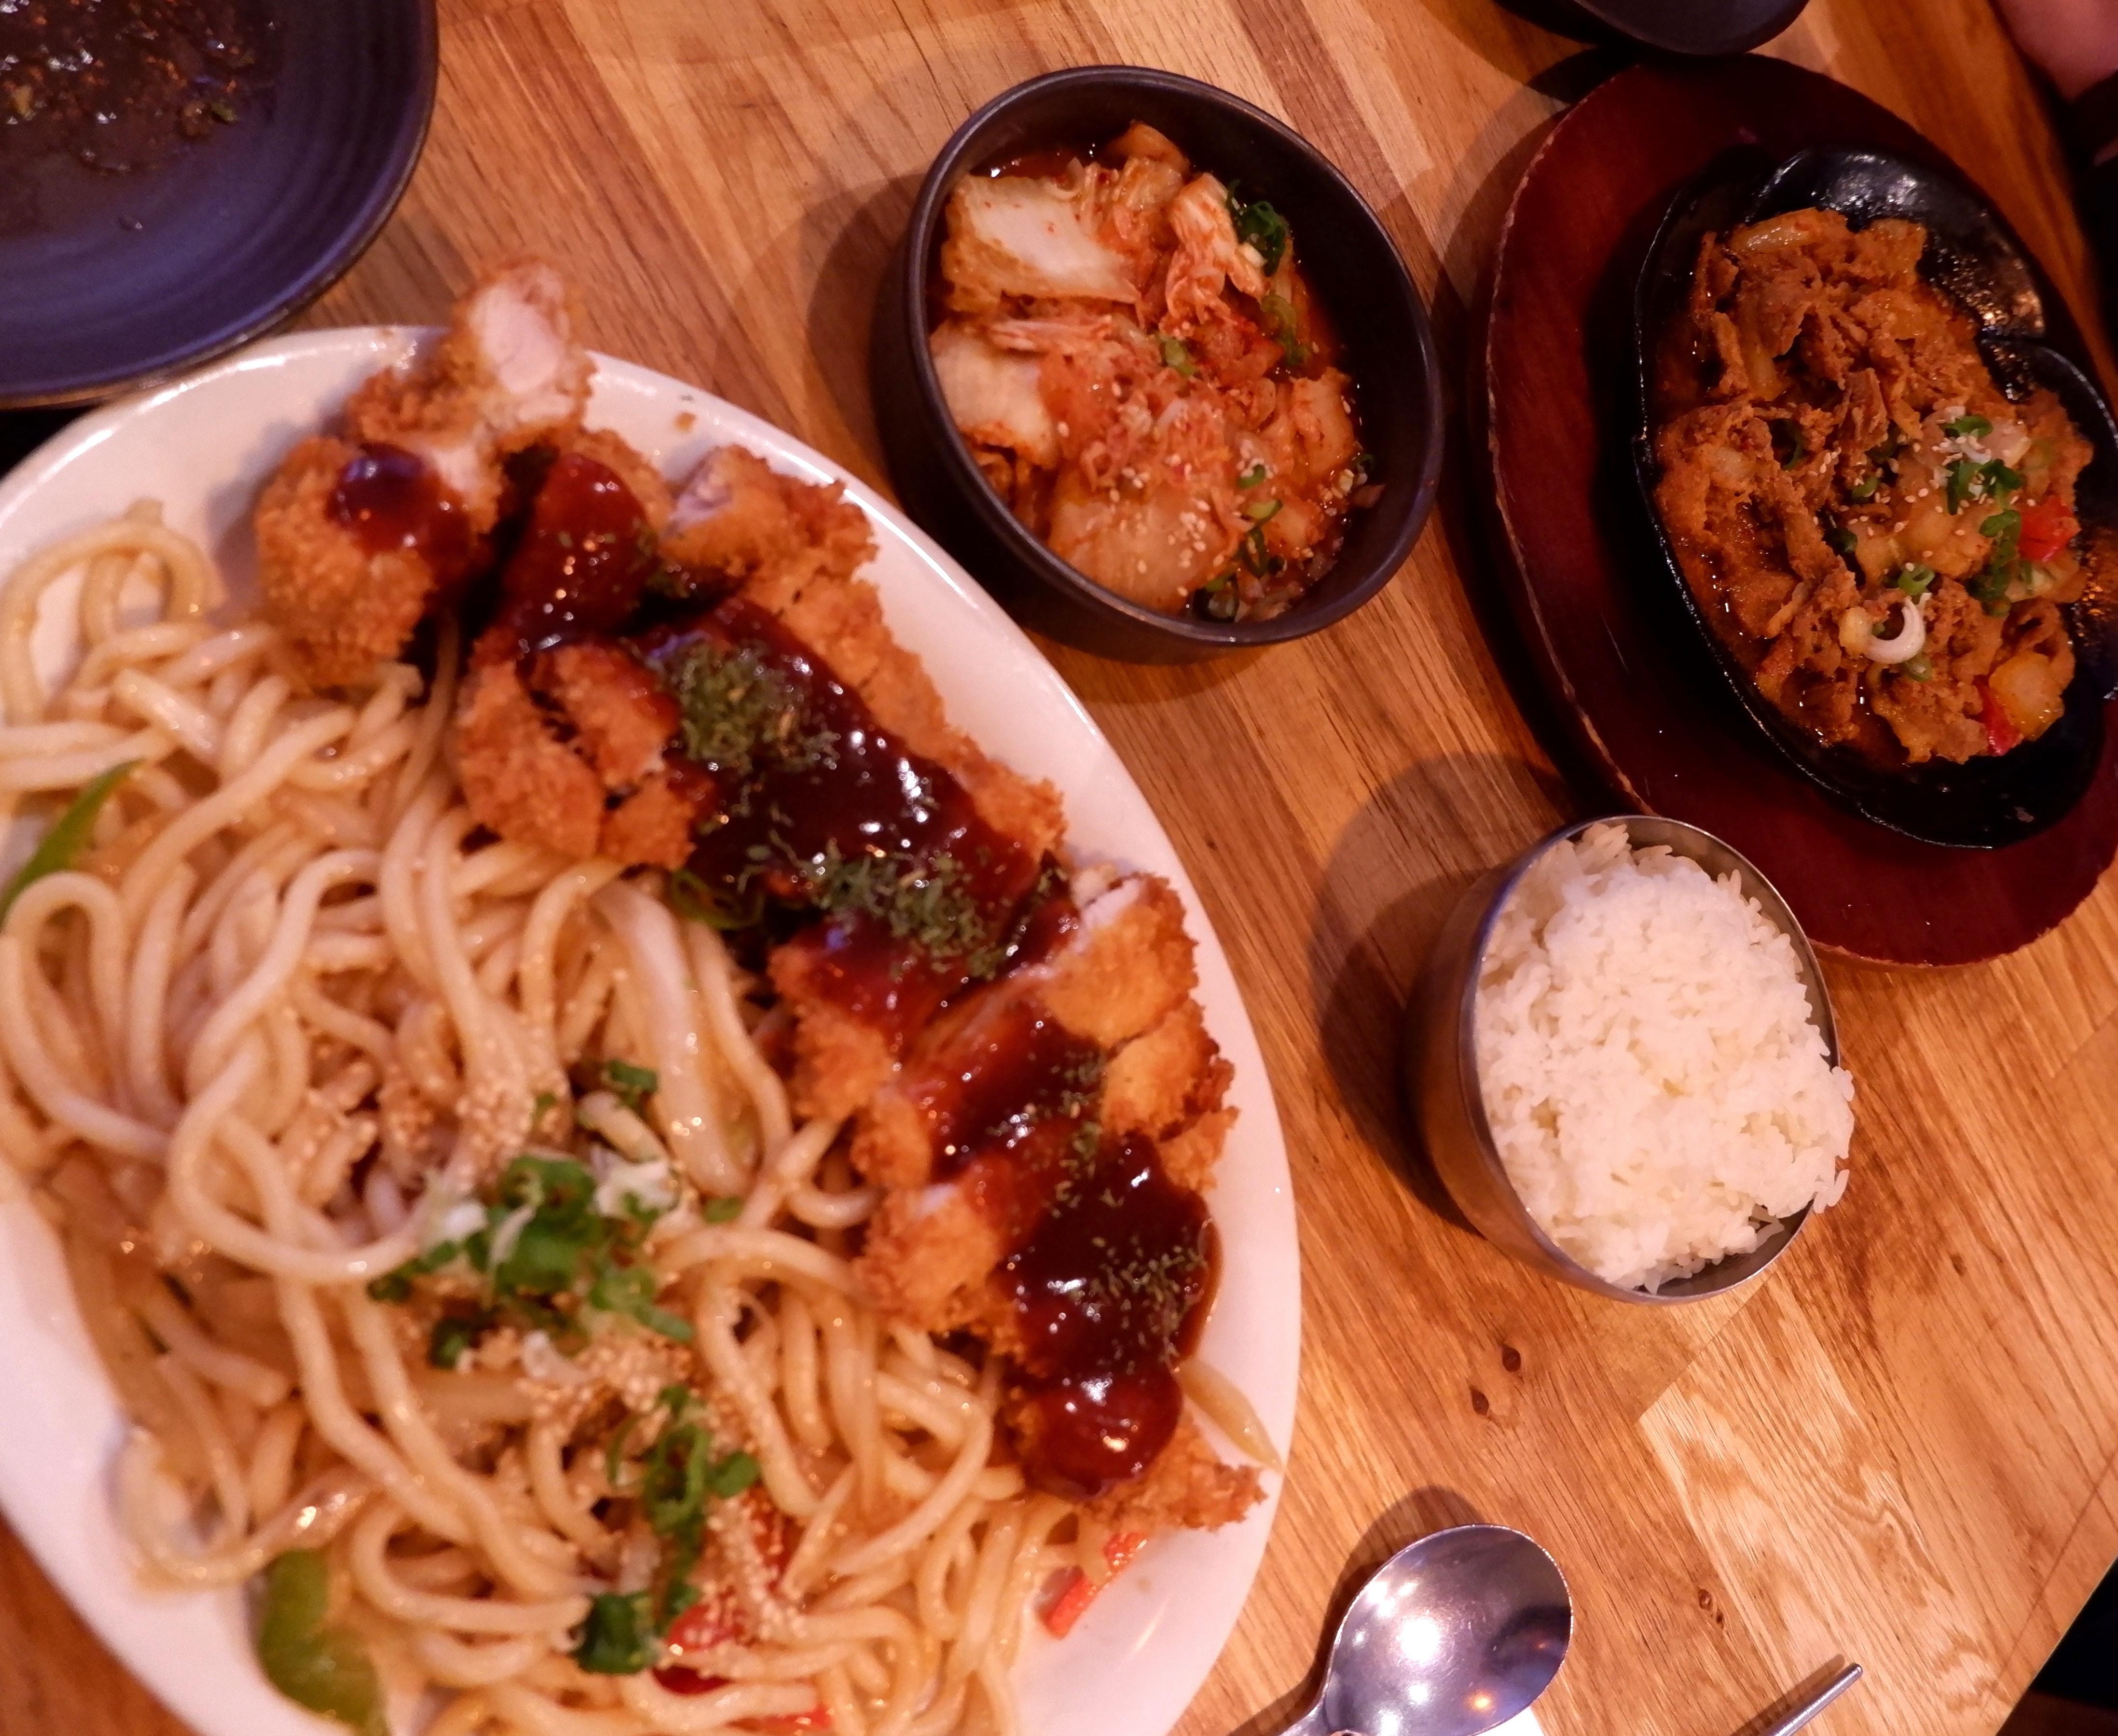 Heerlijk Koreaans eten!